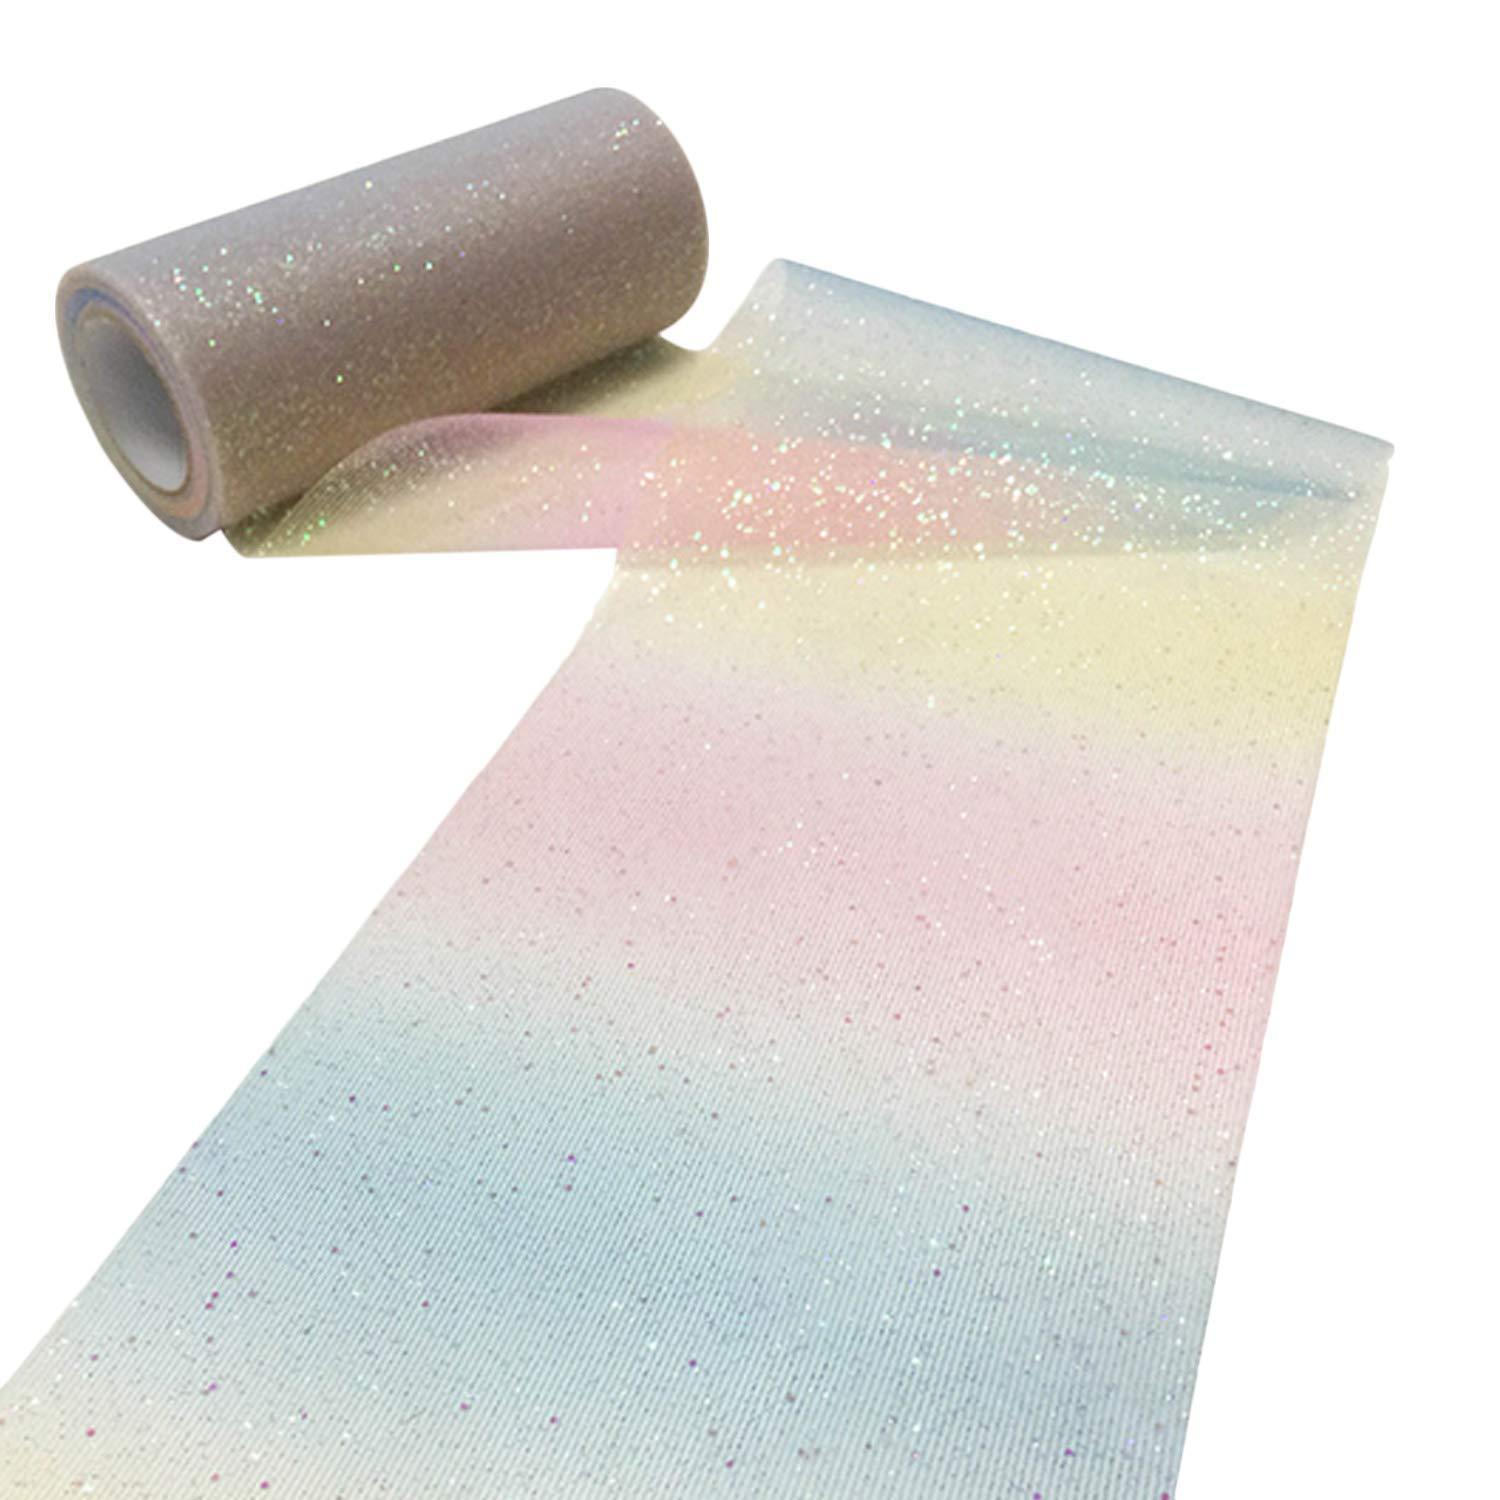 lazo Rollo de cinta de tul con purpurina de grado arco iris de 10 yardas para decoraci/ón de boda fiesta color claro Dark Color regalo de Navidad falda tut/ú